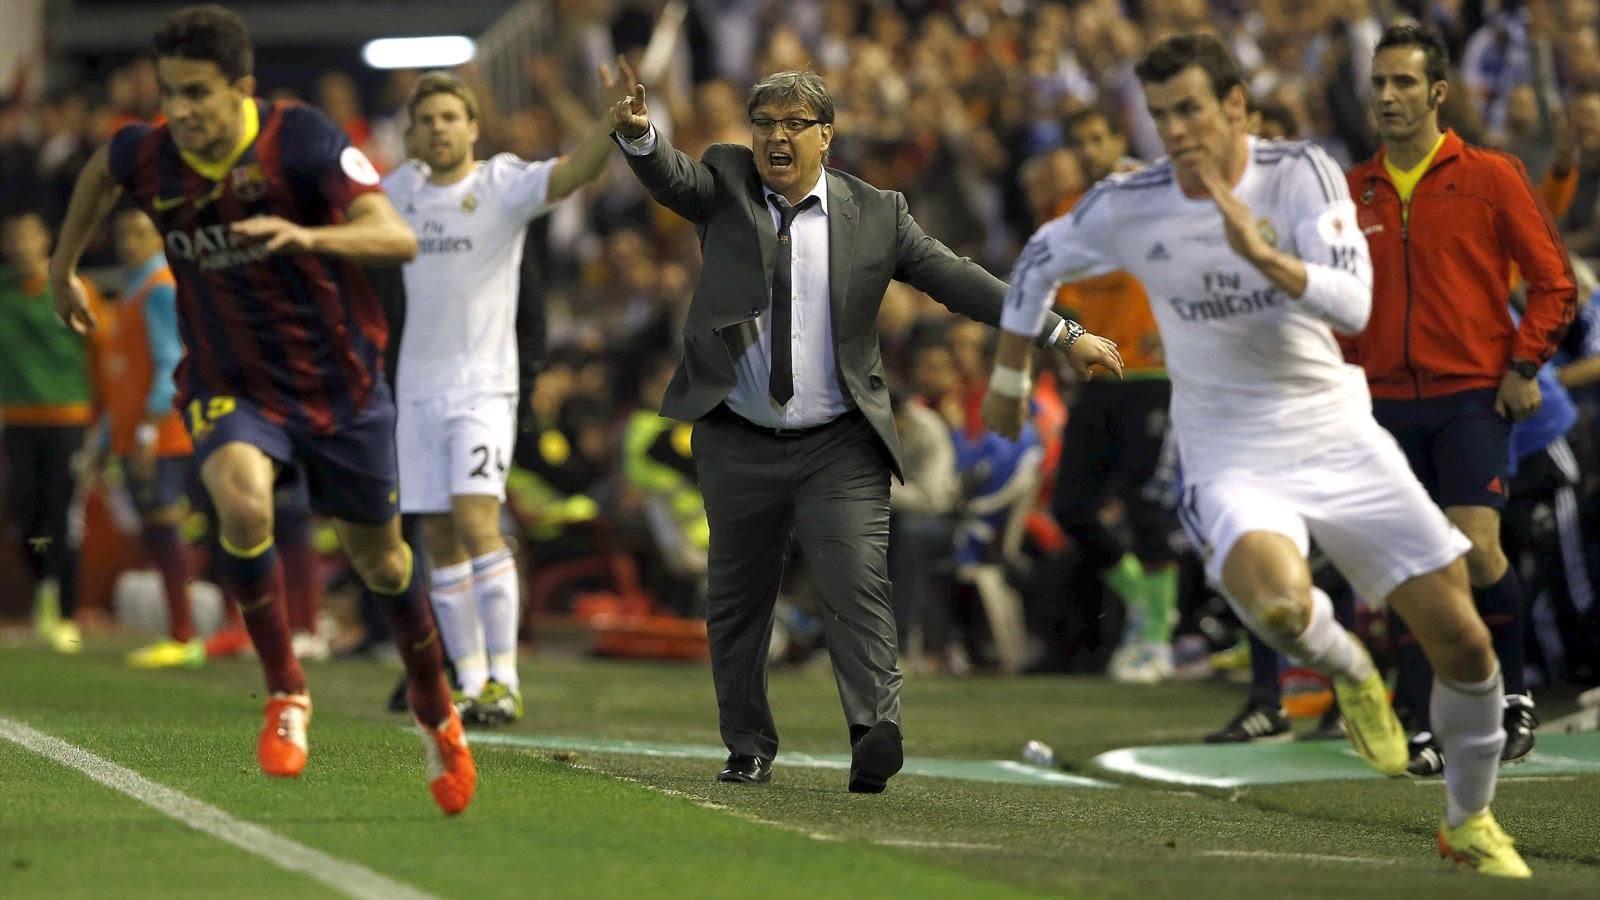 صور ريال مدريد 10 صور ريال مدريد معلومات عن العملاق الاسباني